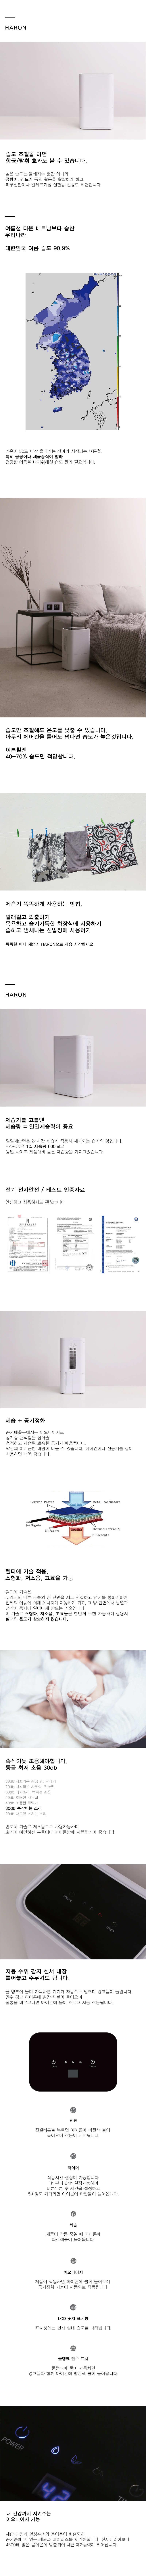 하론 공기정화 원룸 미니 소형 제습기 - 세레스홈, 150,000원, 제습기, 제습기